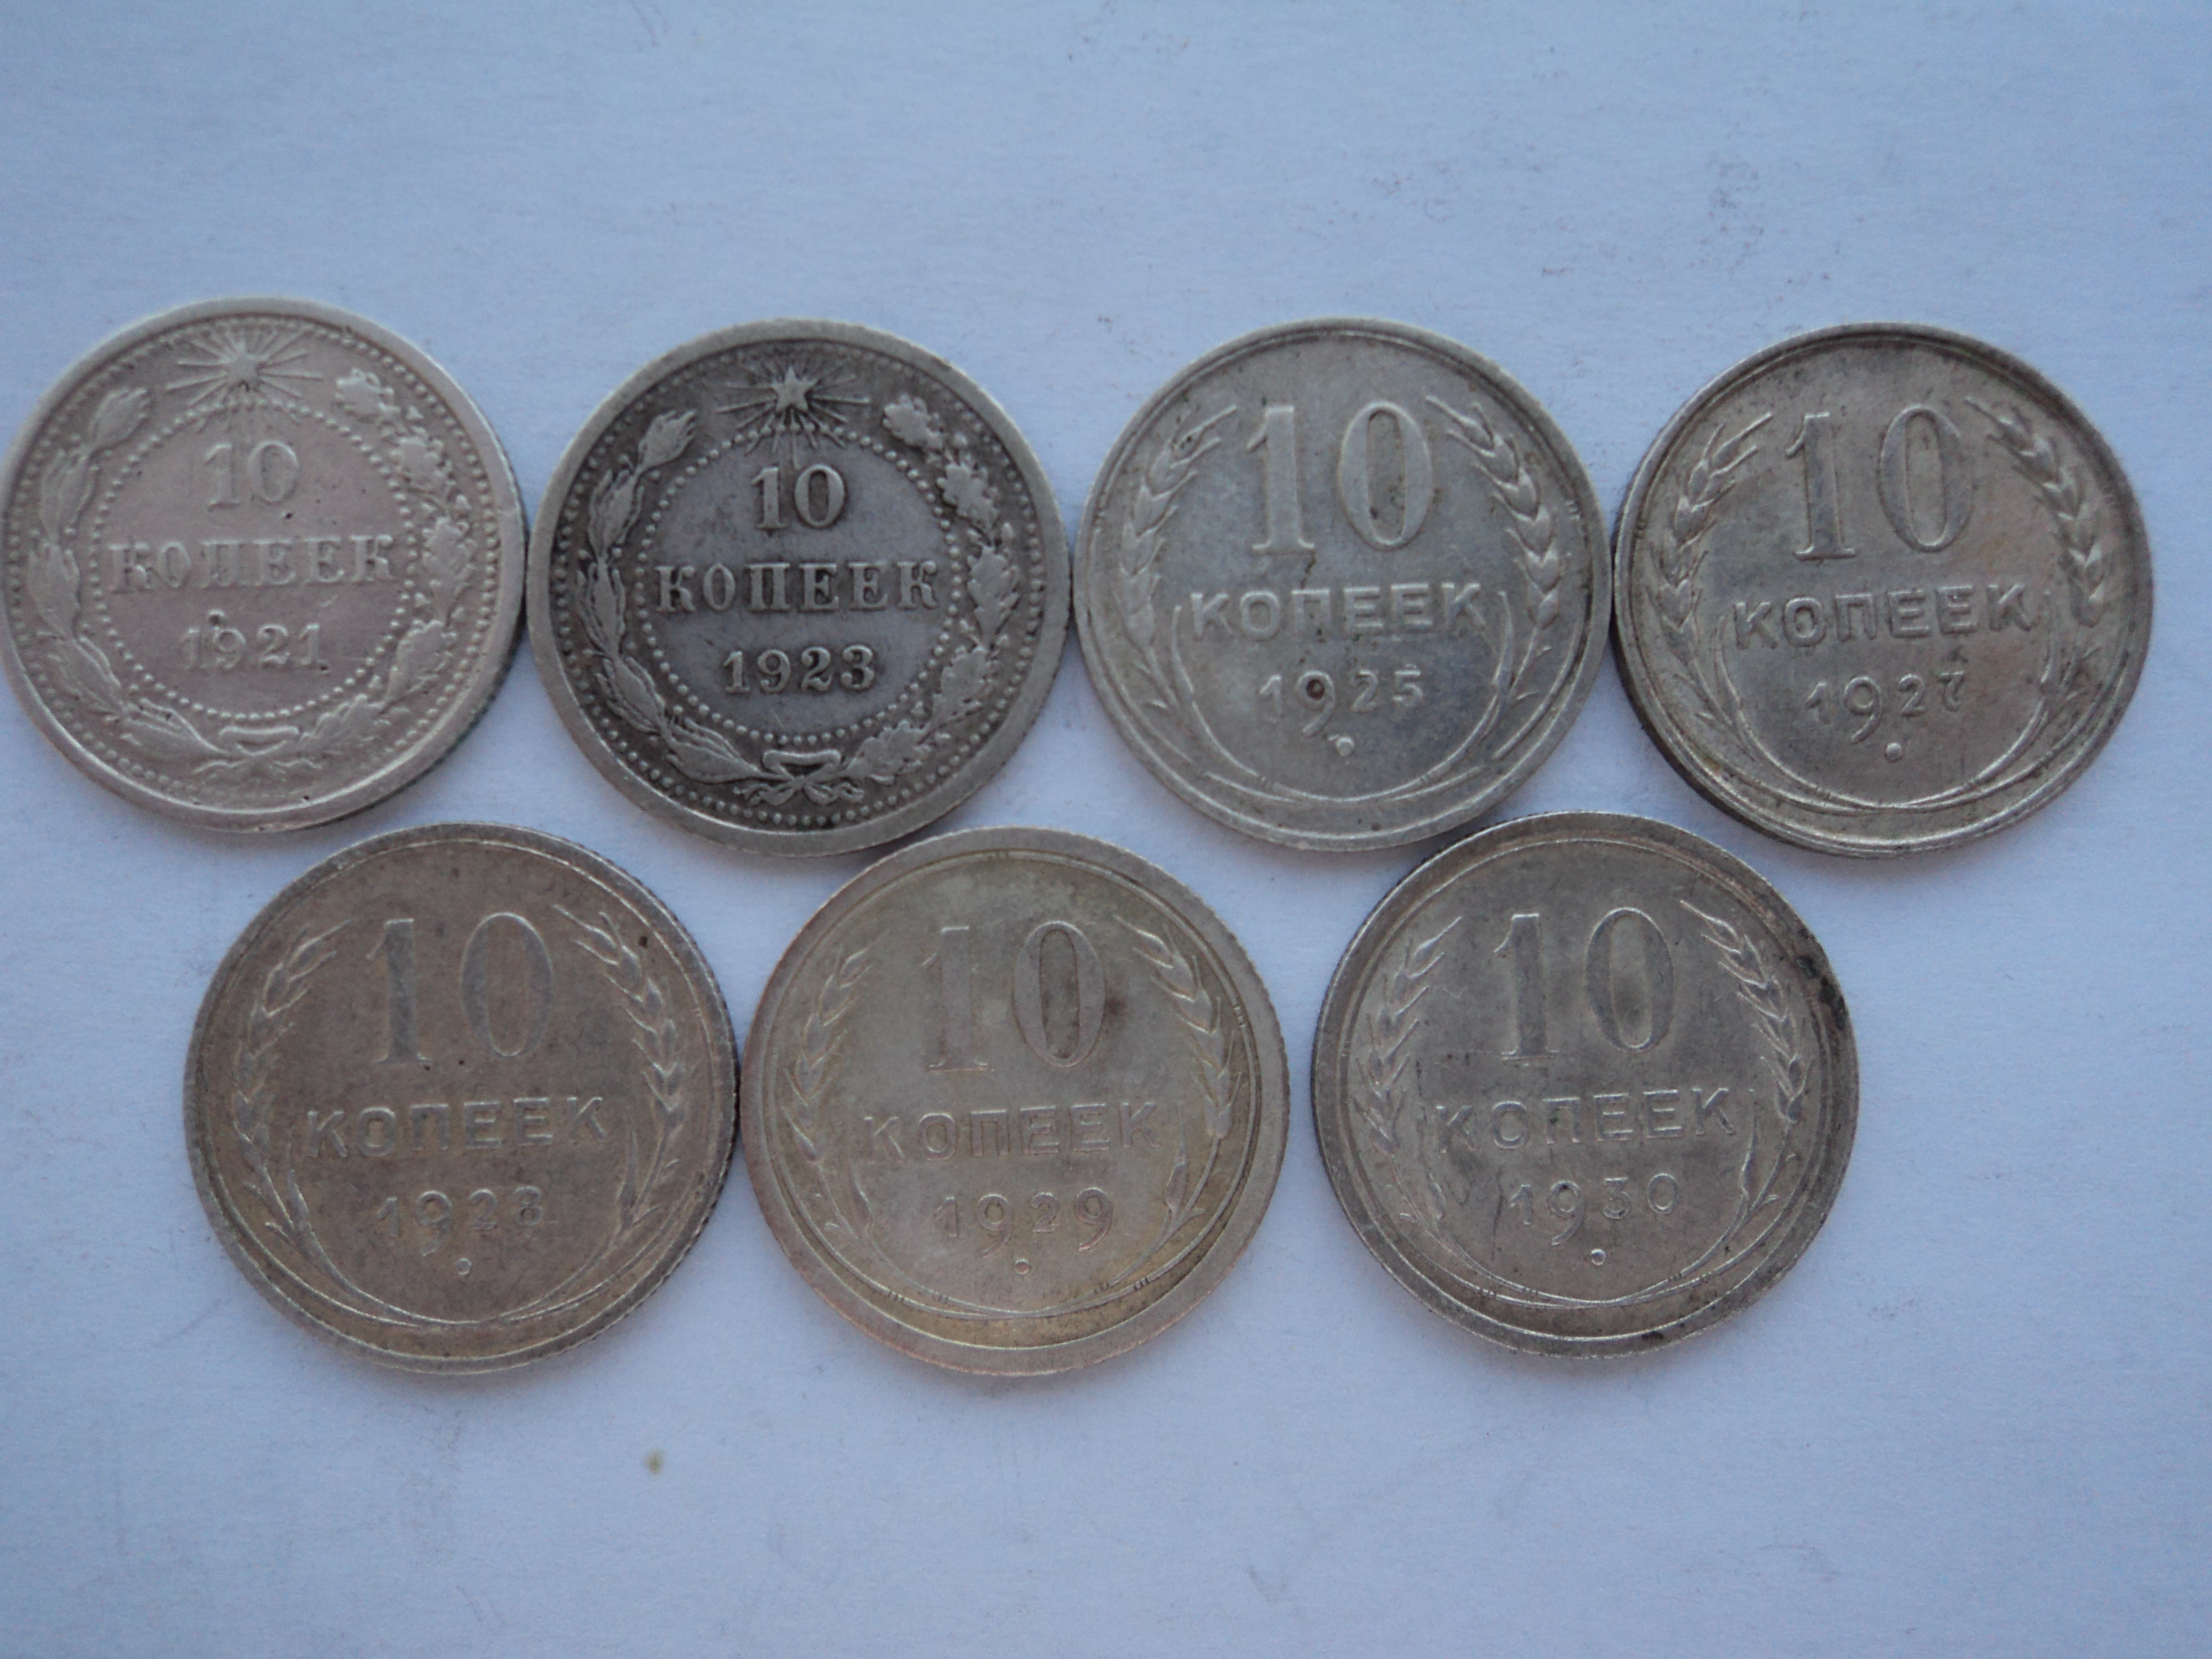 10 копеек 1921 года. Описание и стоимость